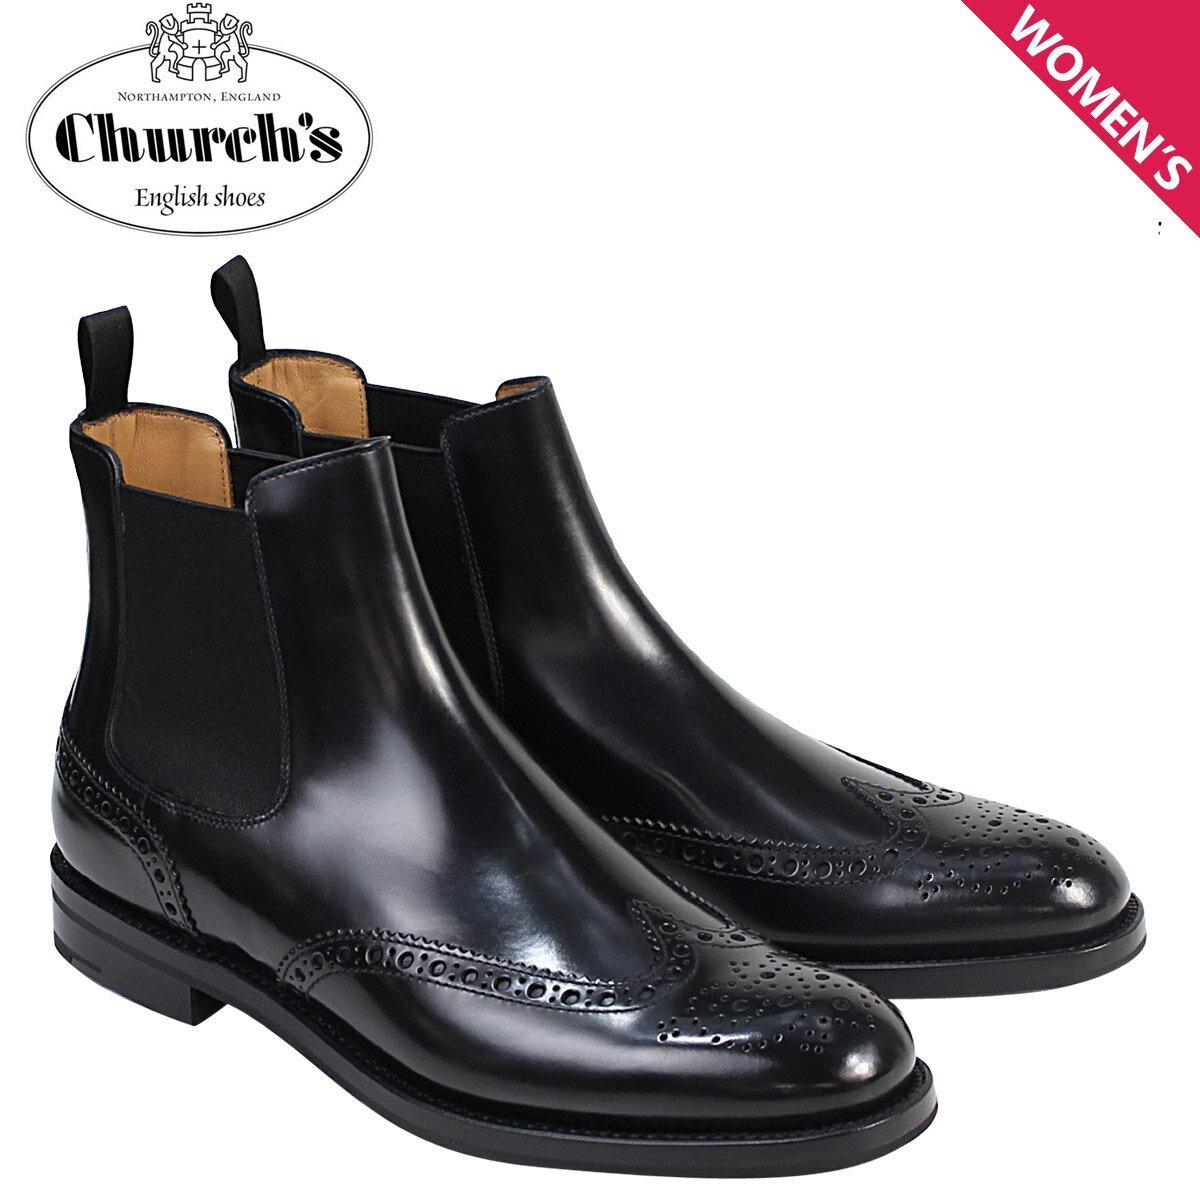 チャーチ 靴 レディース Churchs ブーツ サイドゴア ショートブーツ ウイングチップ Ketsby WG Polish Binder Calf 8706 DT0001 ブラック [12/21 再入荷]